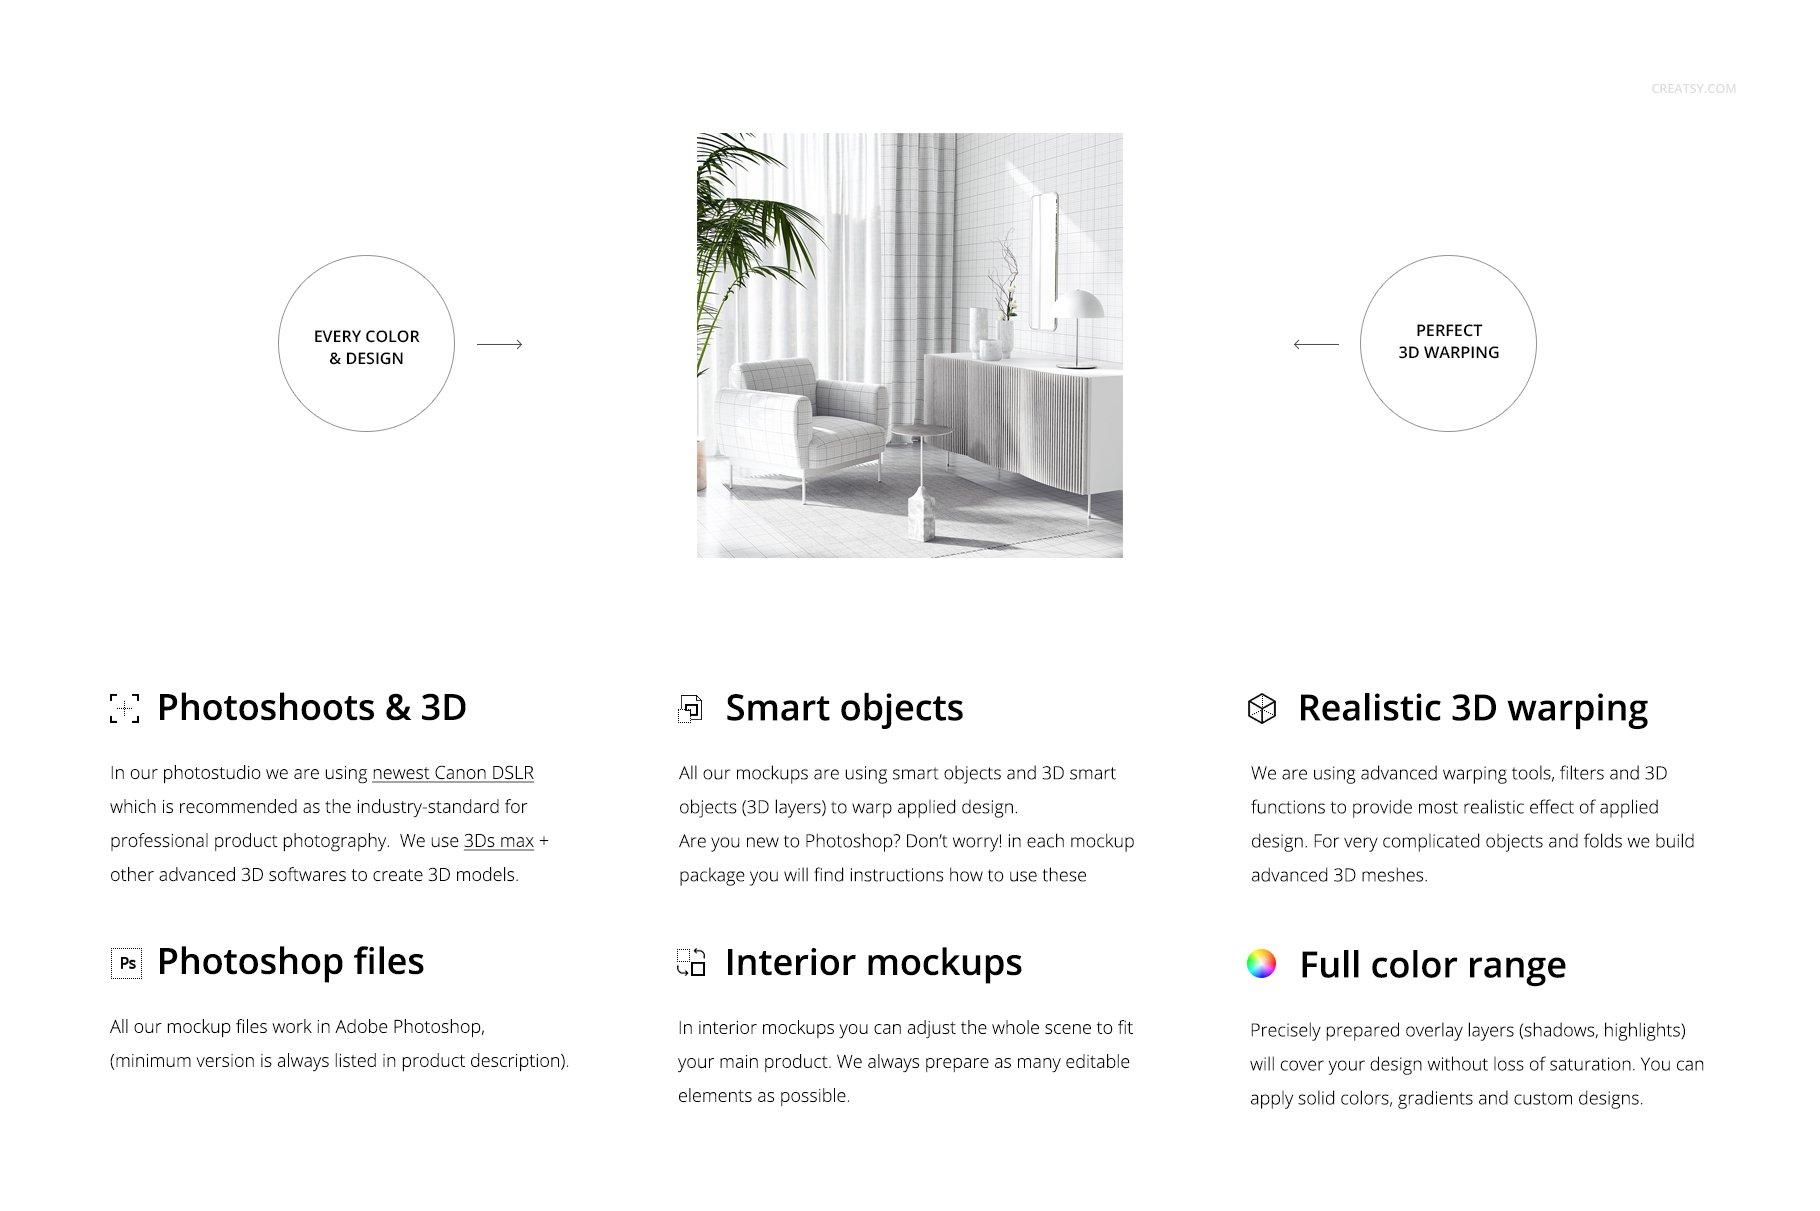 时尚室内沙发印花图案设计贴图PSD样机模板 Interior Scene Mockup插图1